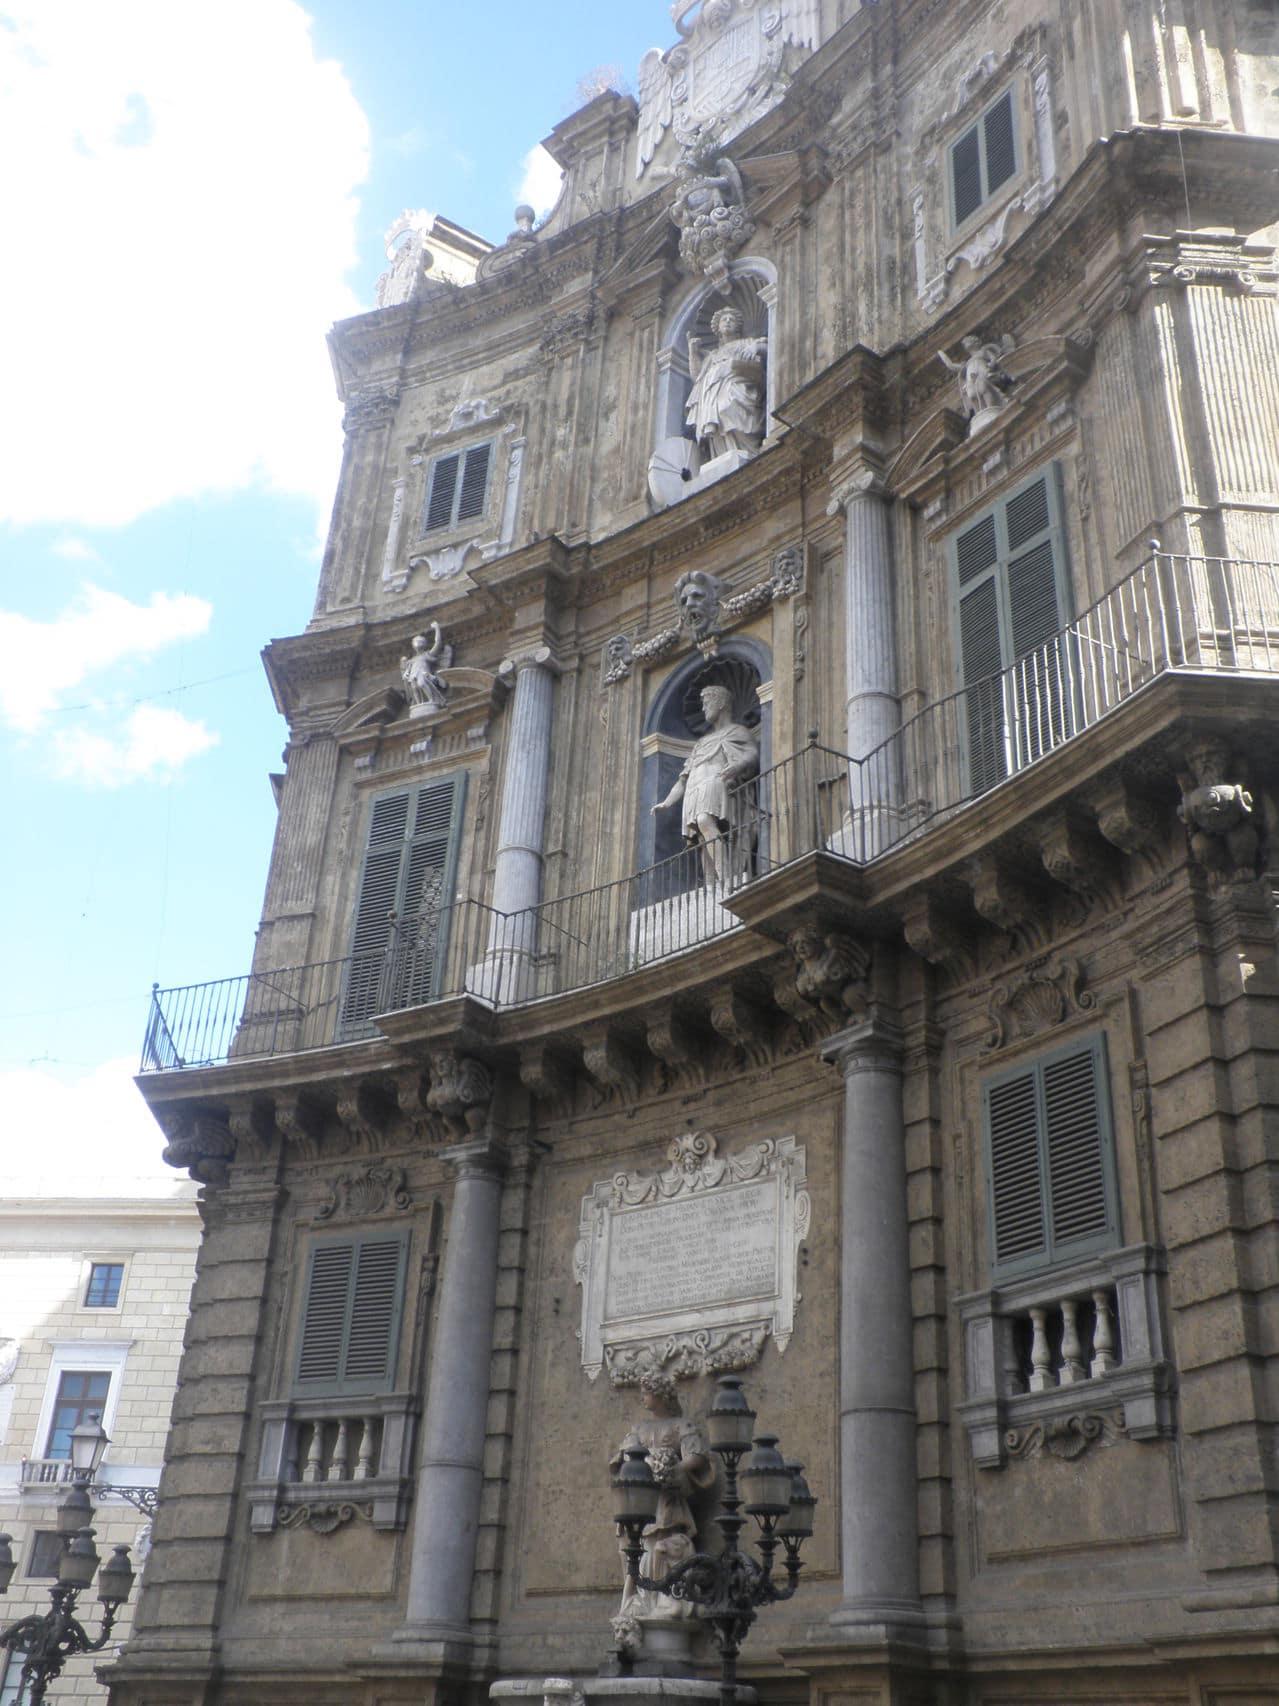 Viaje Histórico-numismático a la ciudad de Palermo en Sicilia Palermo_090